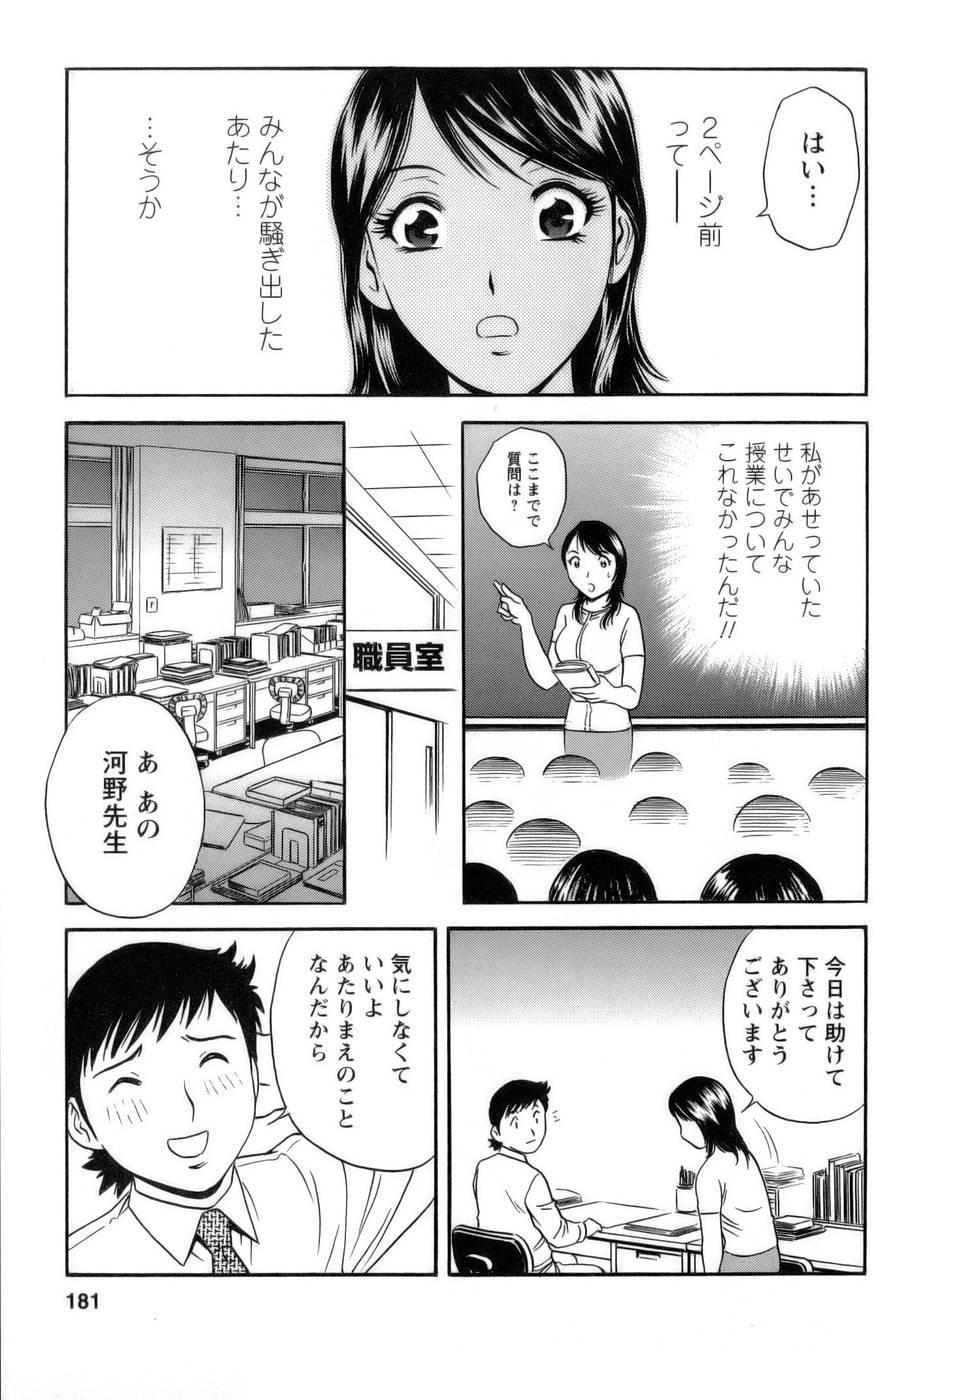 [Hidemaru] Mo-Retsu! Boin Sensei (Boing Boing Teacher) Vol.1 180